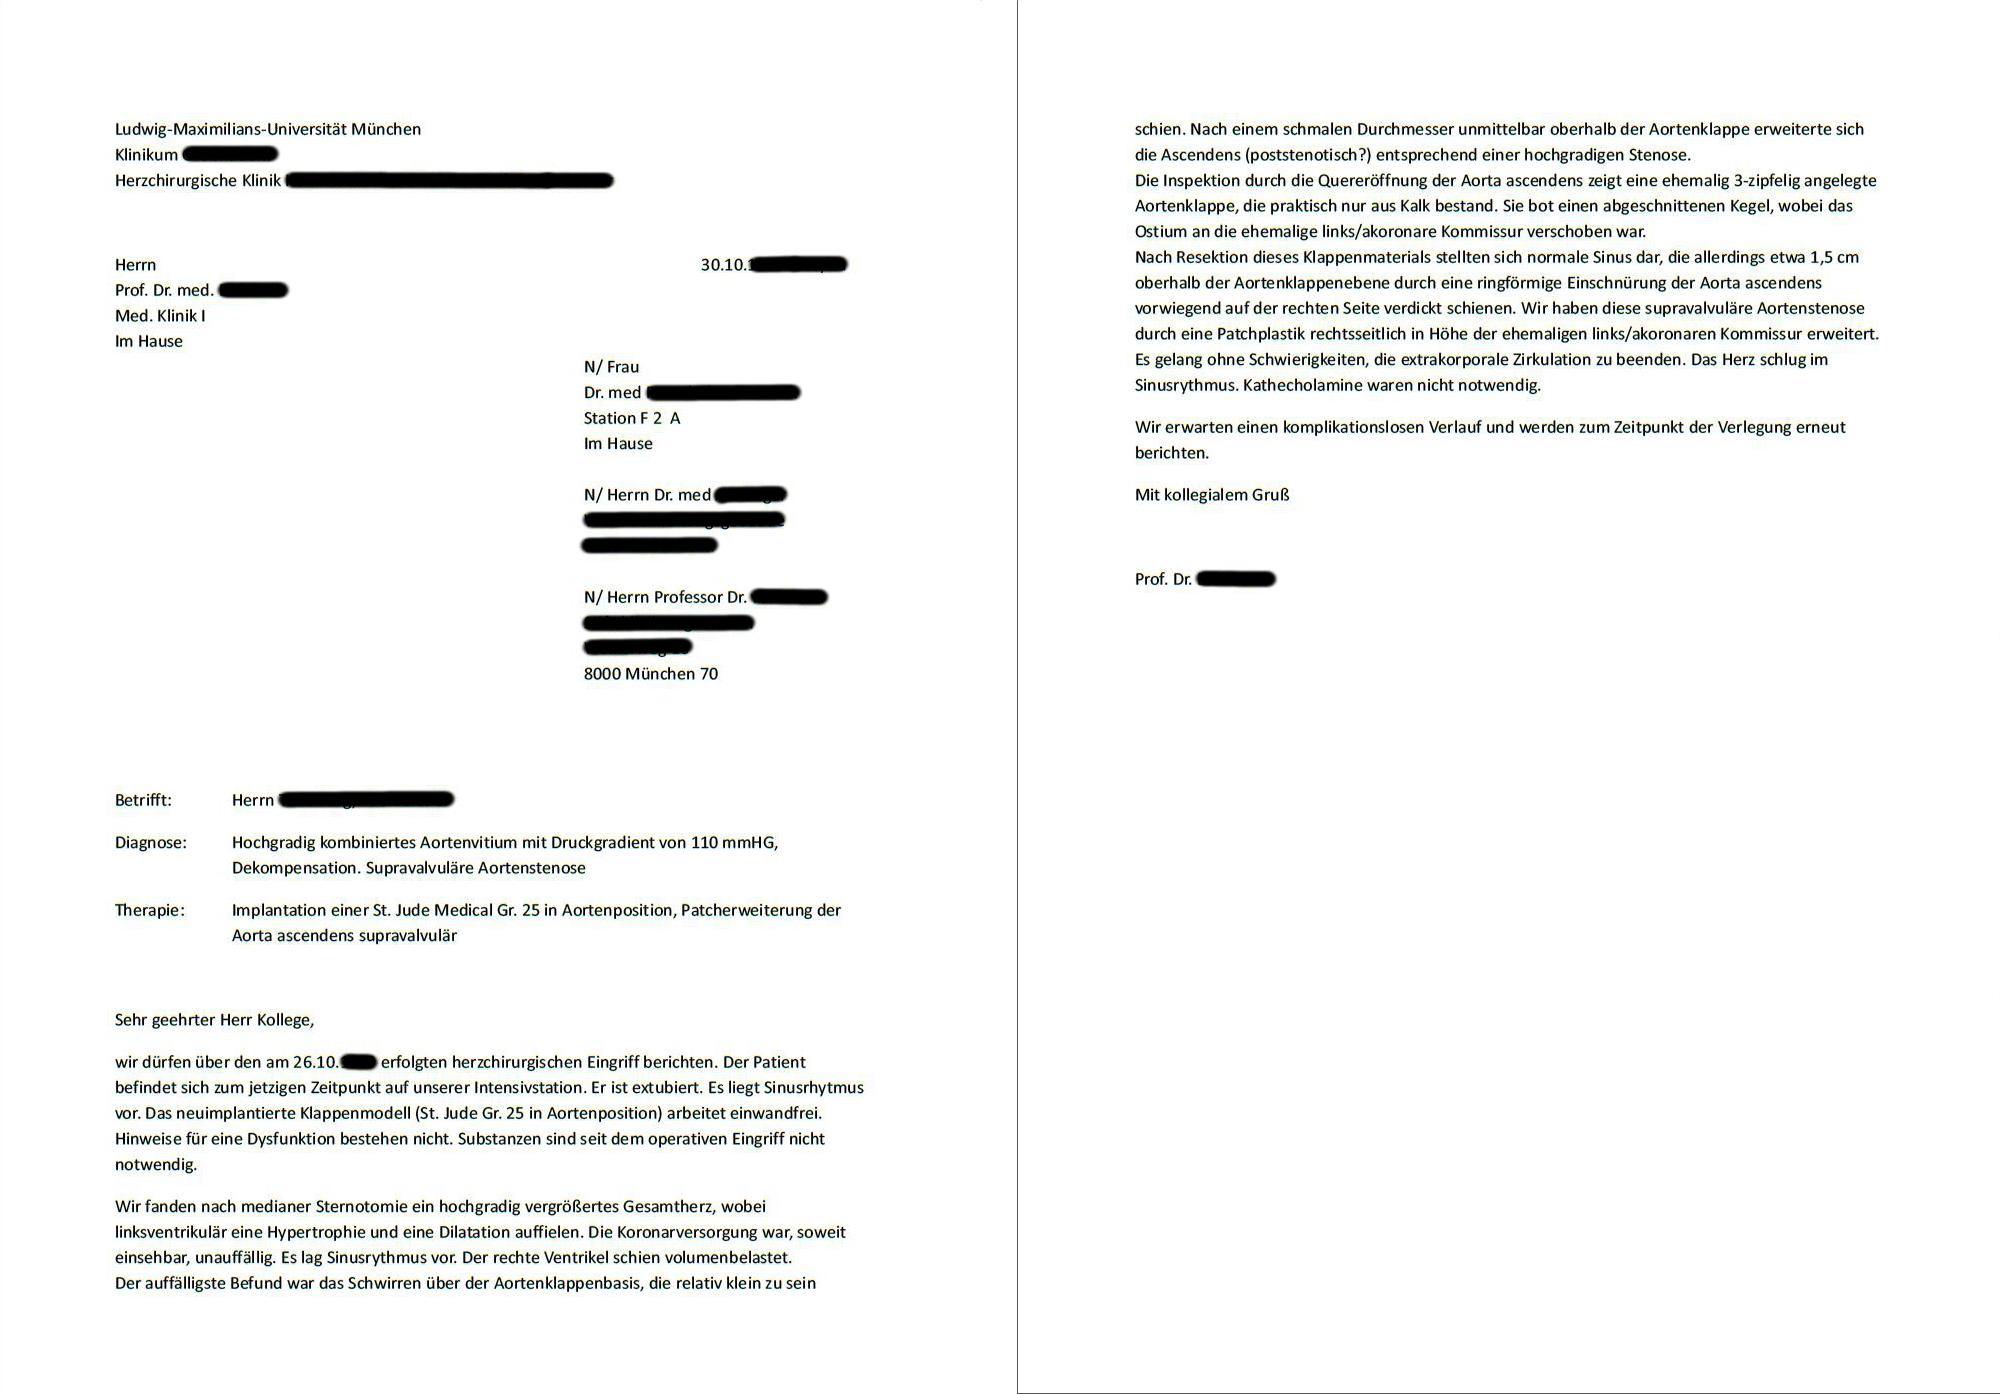 Fein Einlieferung Ins Krankenhaus Formularvorlage Bilder - Bilder ...